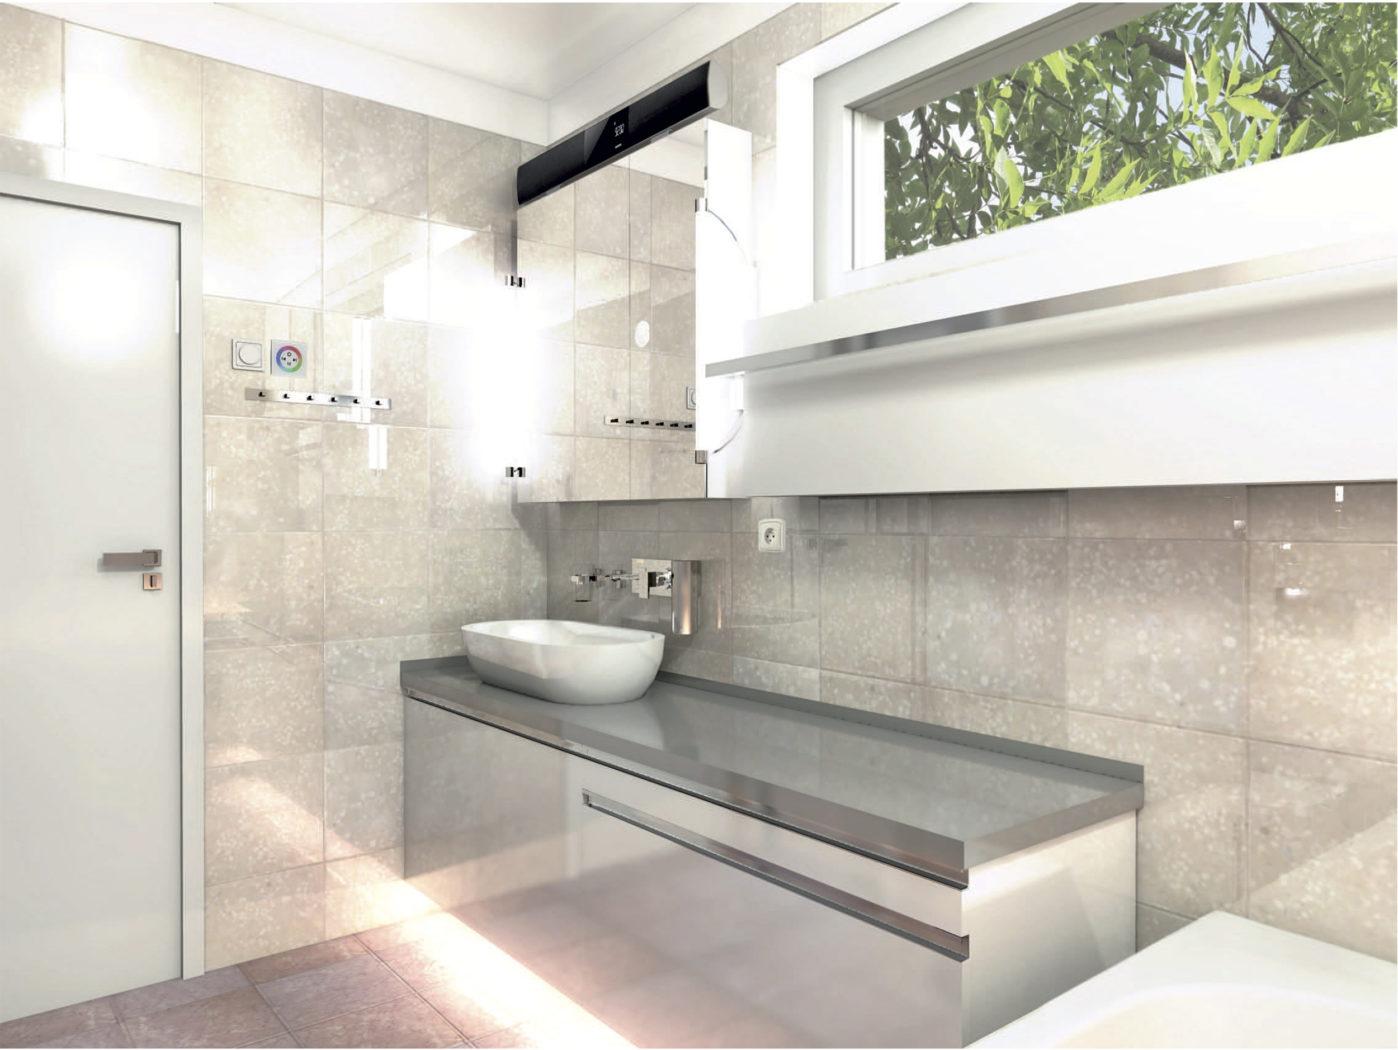 Vizualizace projektu interiéru koupelny